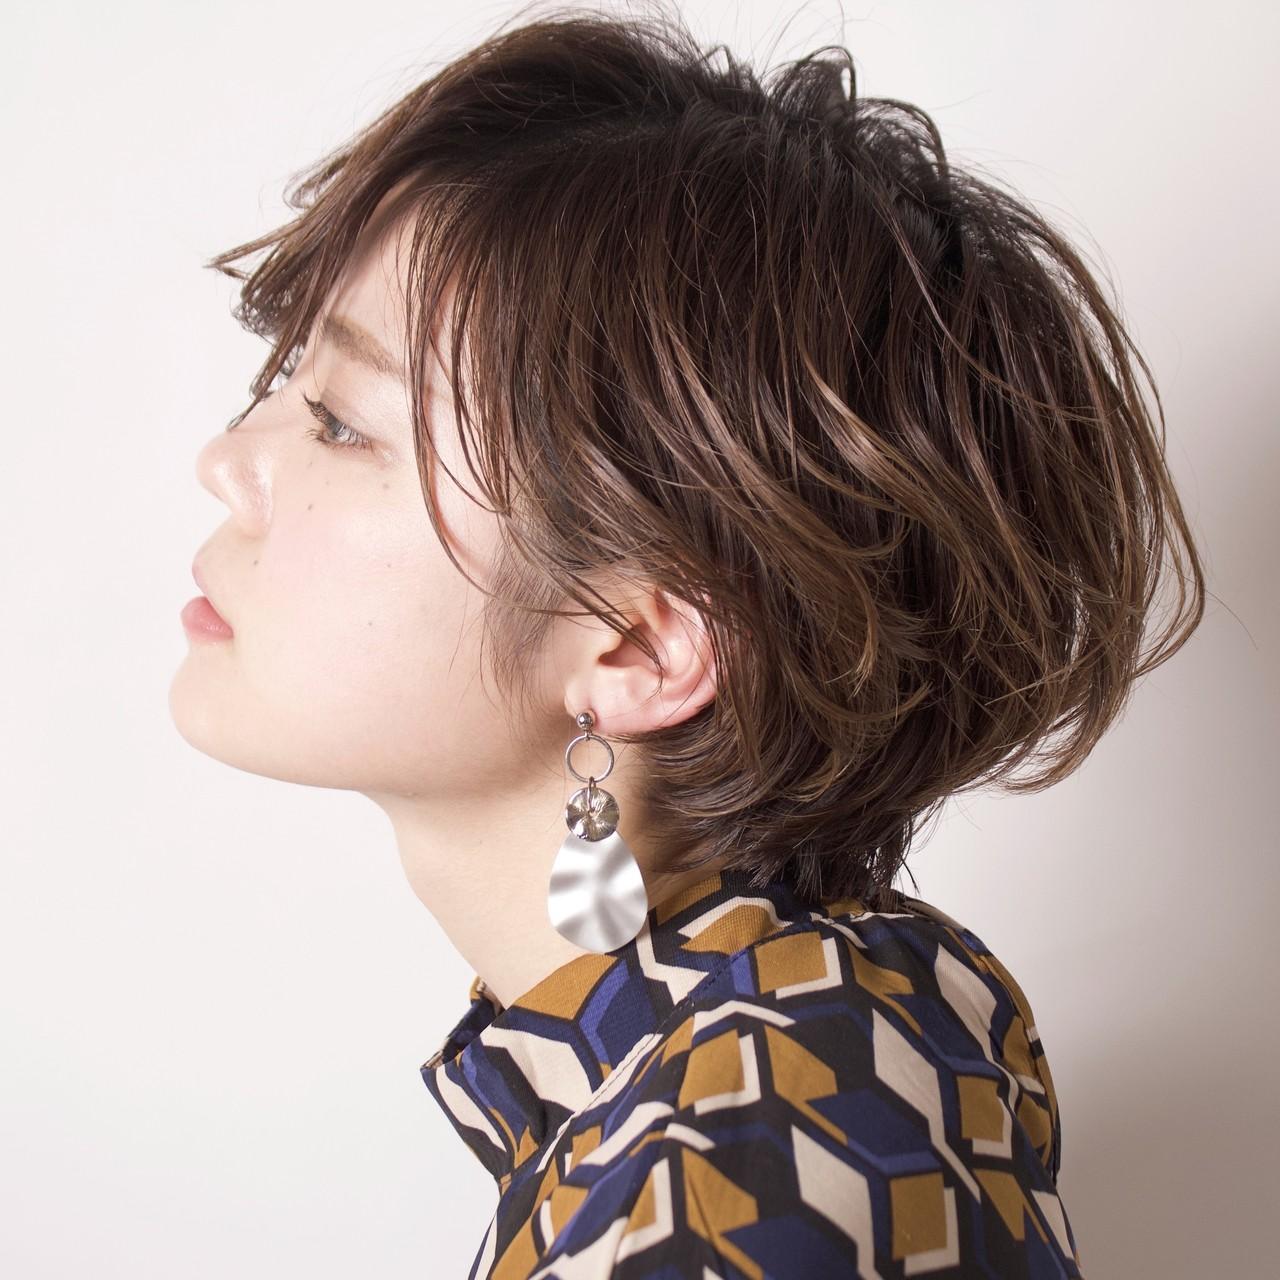 簡単ヘアアレンジ パーマ デート アンニュイほつれヘア ヘアスタイルや髪型の写真・画像 | 中高下 由真(なかこうげ ゆうま) / BEAUTRIUM 表参道店